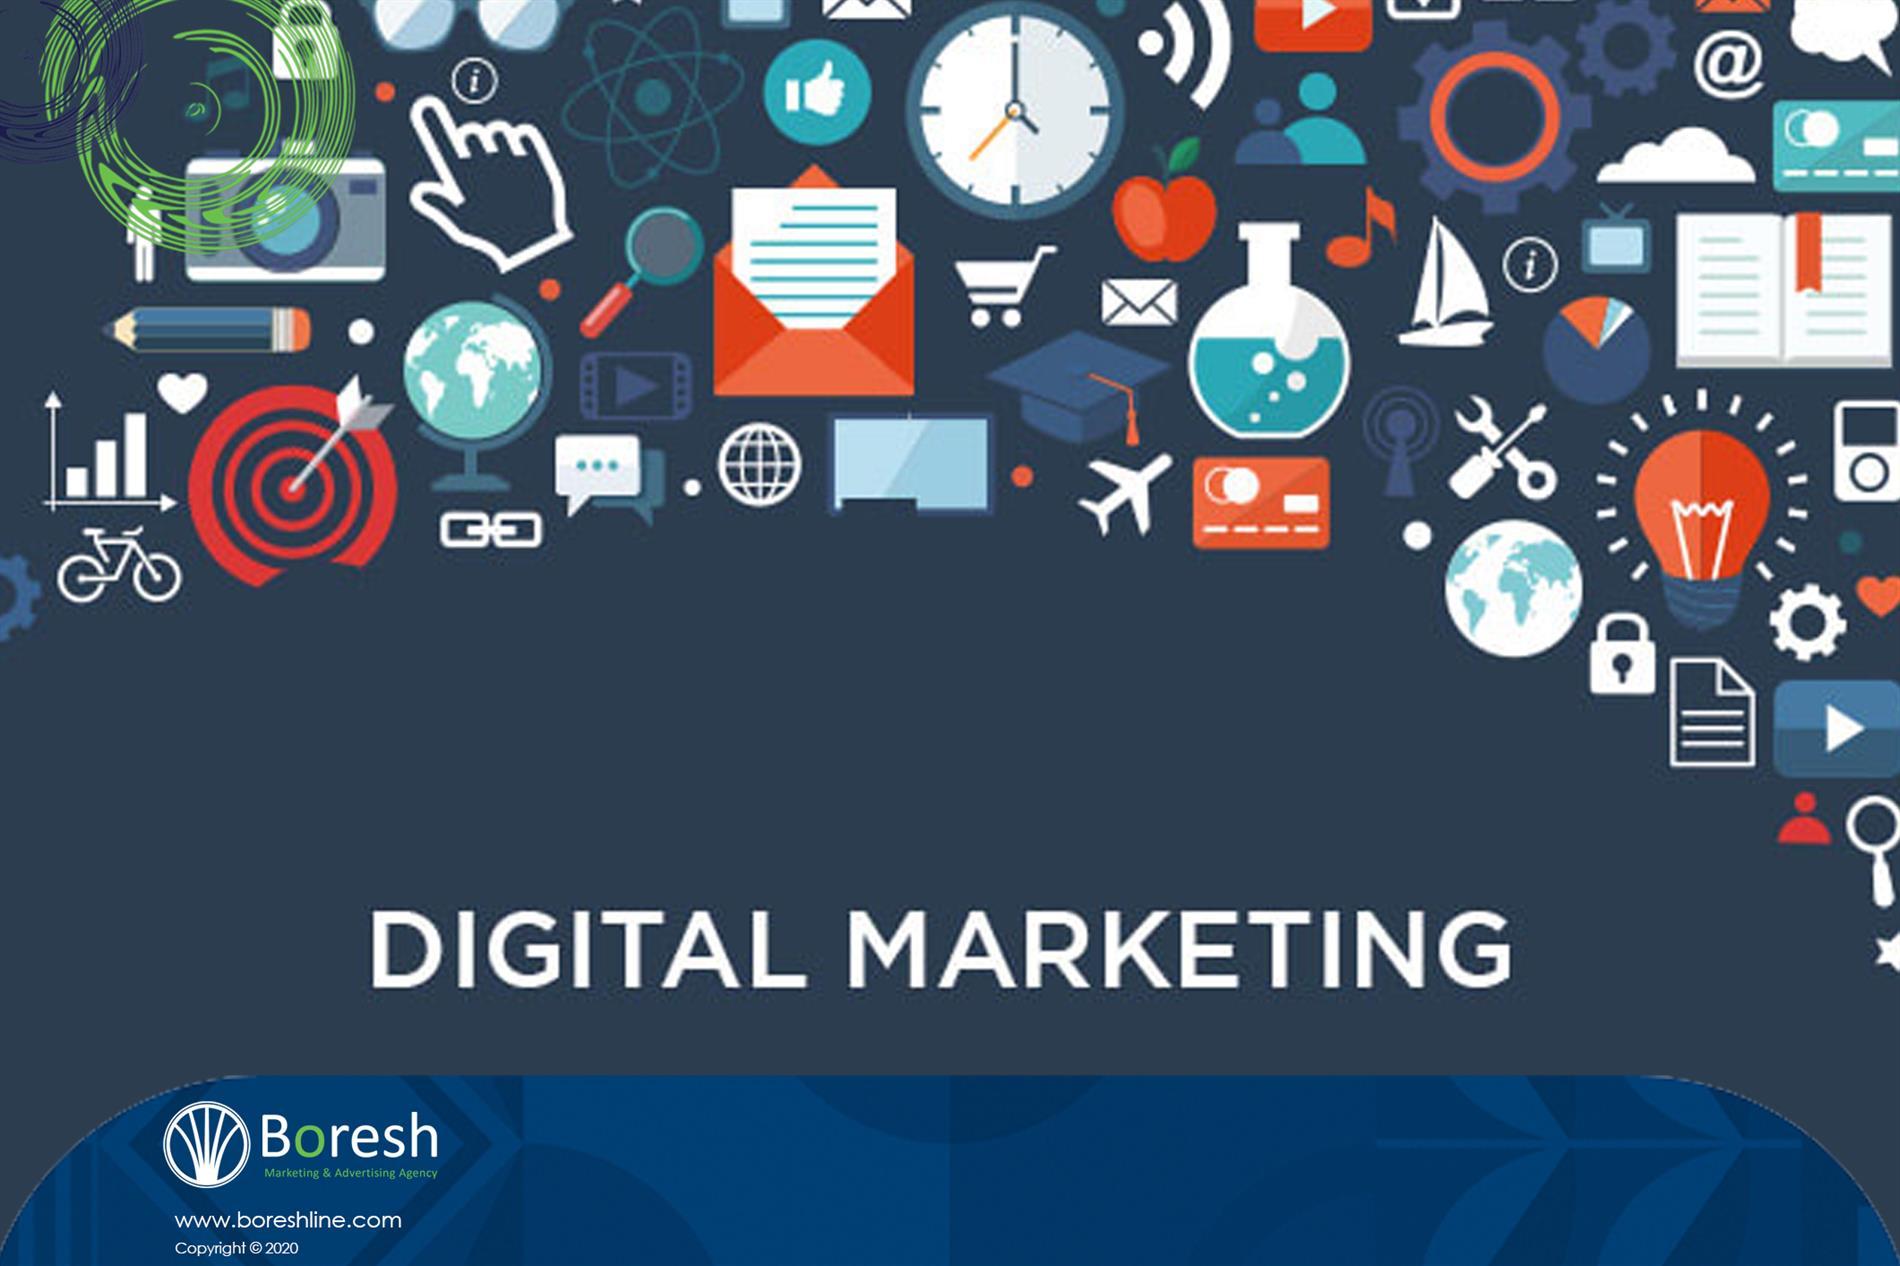 تعریف بازاریابی دیجیتال - گروه برندسازی، تبلیغات،بازاریابی و توسعه کسب و کار برش